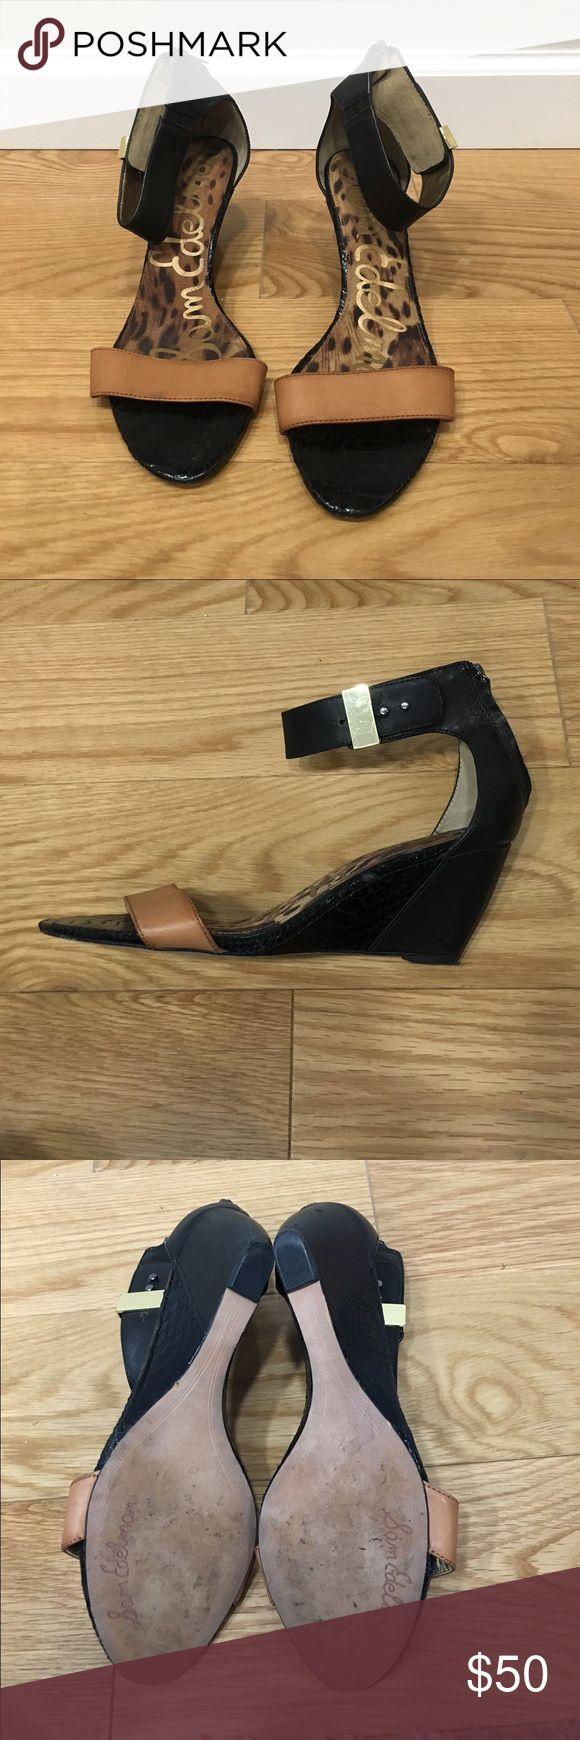 Black sandals littlewoods - Sam Edelman Sophie Wedge Sandal